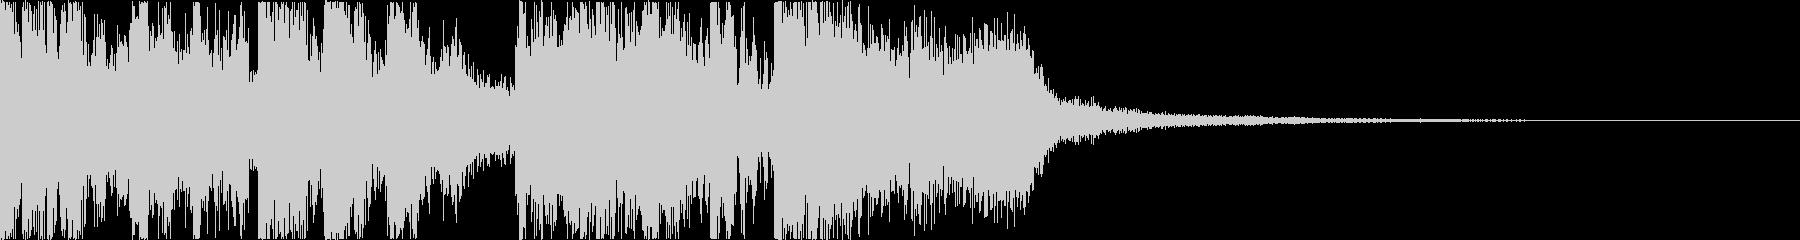 三味線・箏・尺八・和太鼓・ジングル06の未再生の波形